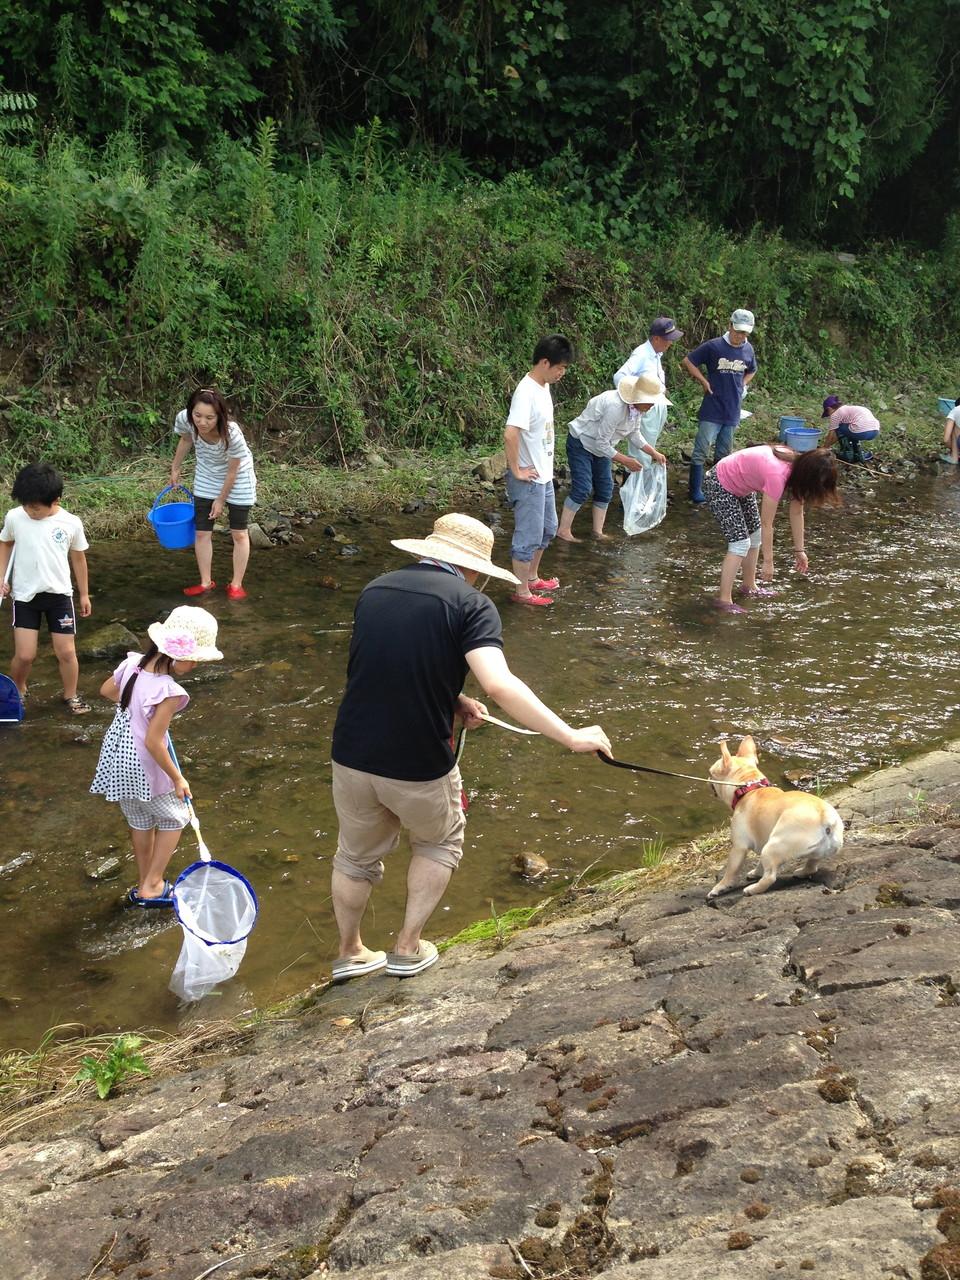 魚とり大会でにぎわっている中、ハナちゃんはお水に慣れようね。